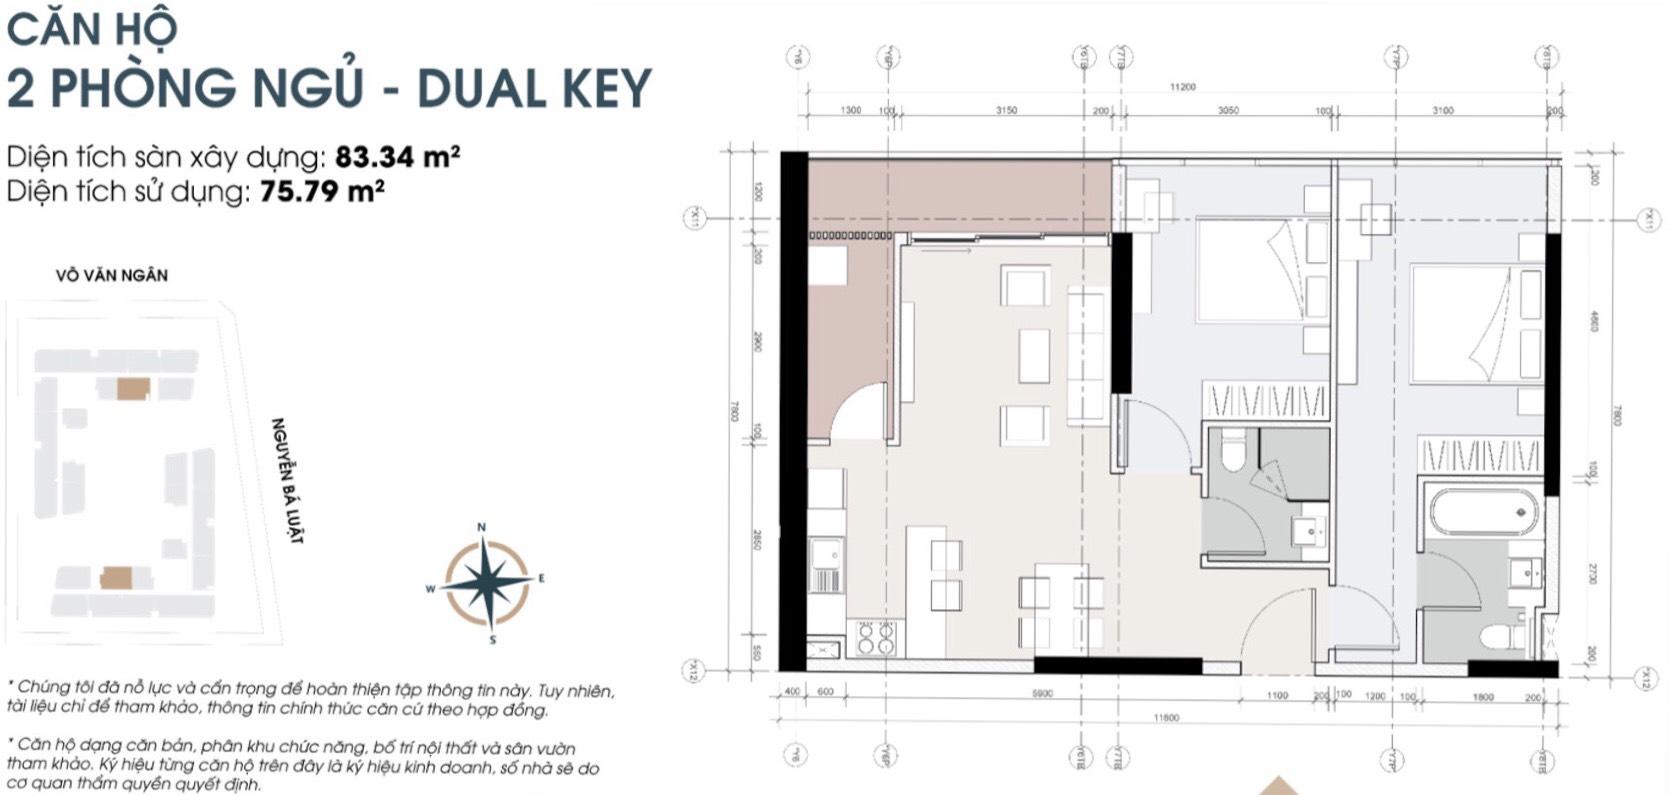 Thiết kế căn 2 phòng ngủ 83m2 dự án căn hộ King Crown Thủ Đức